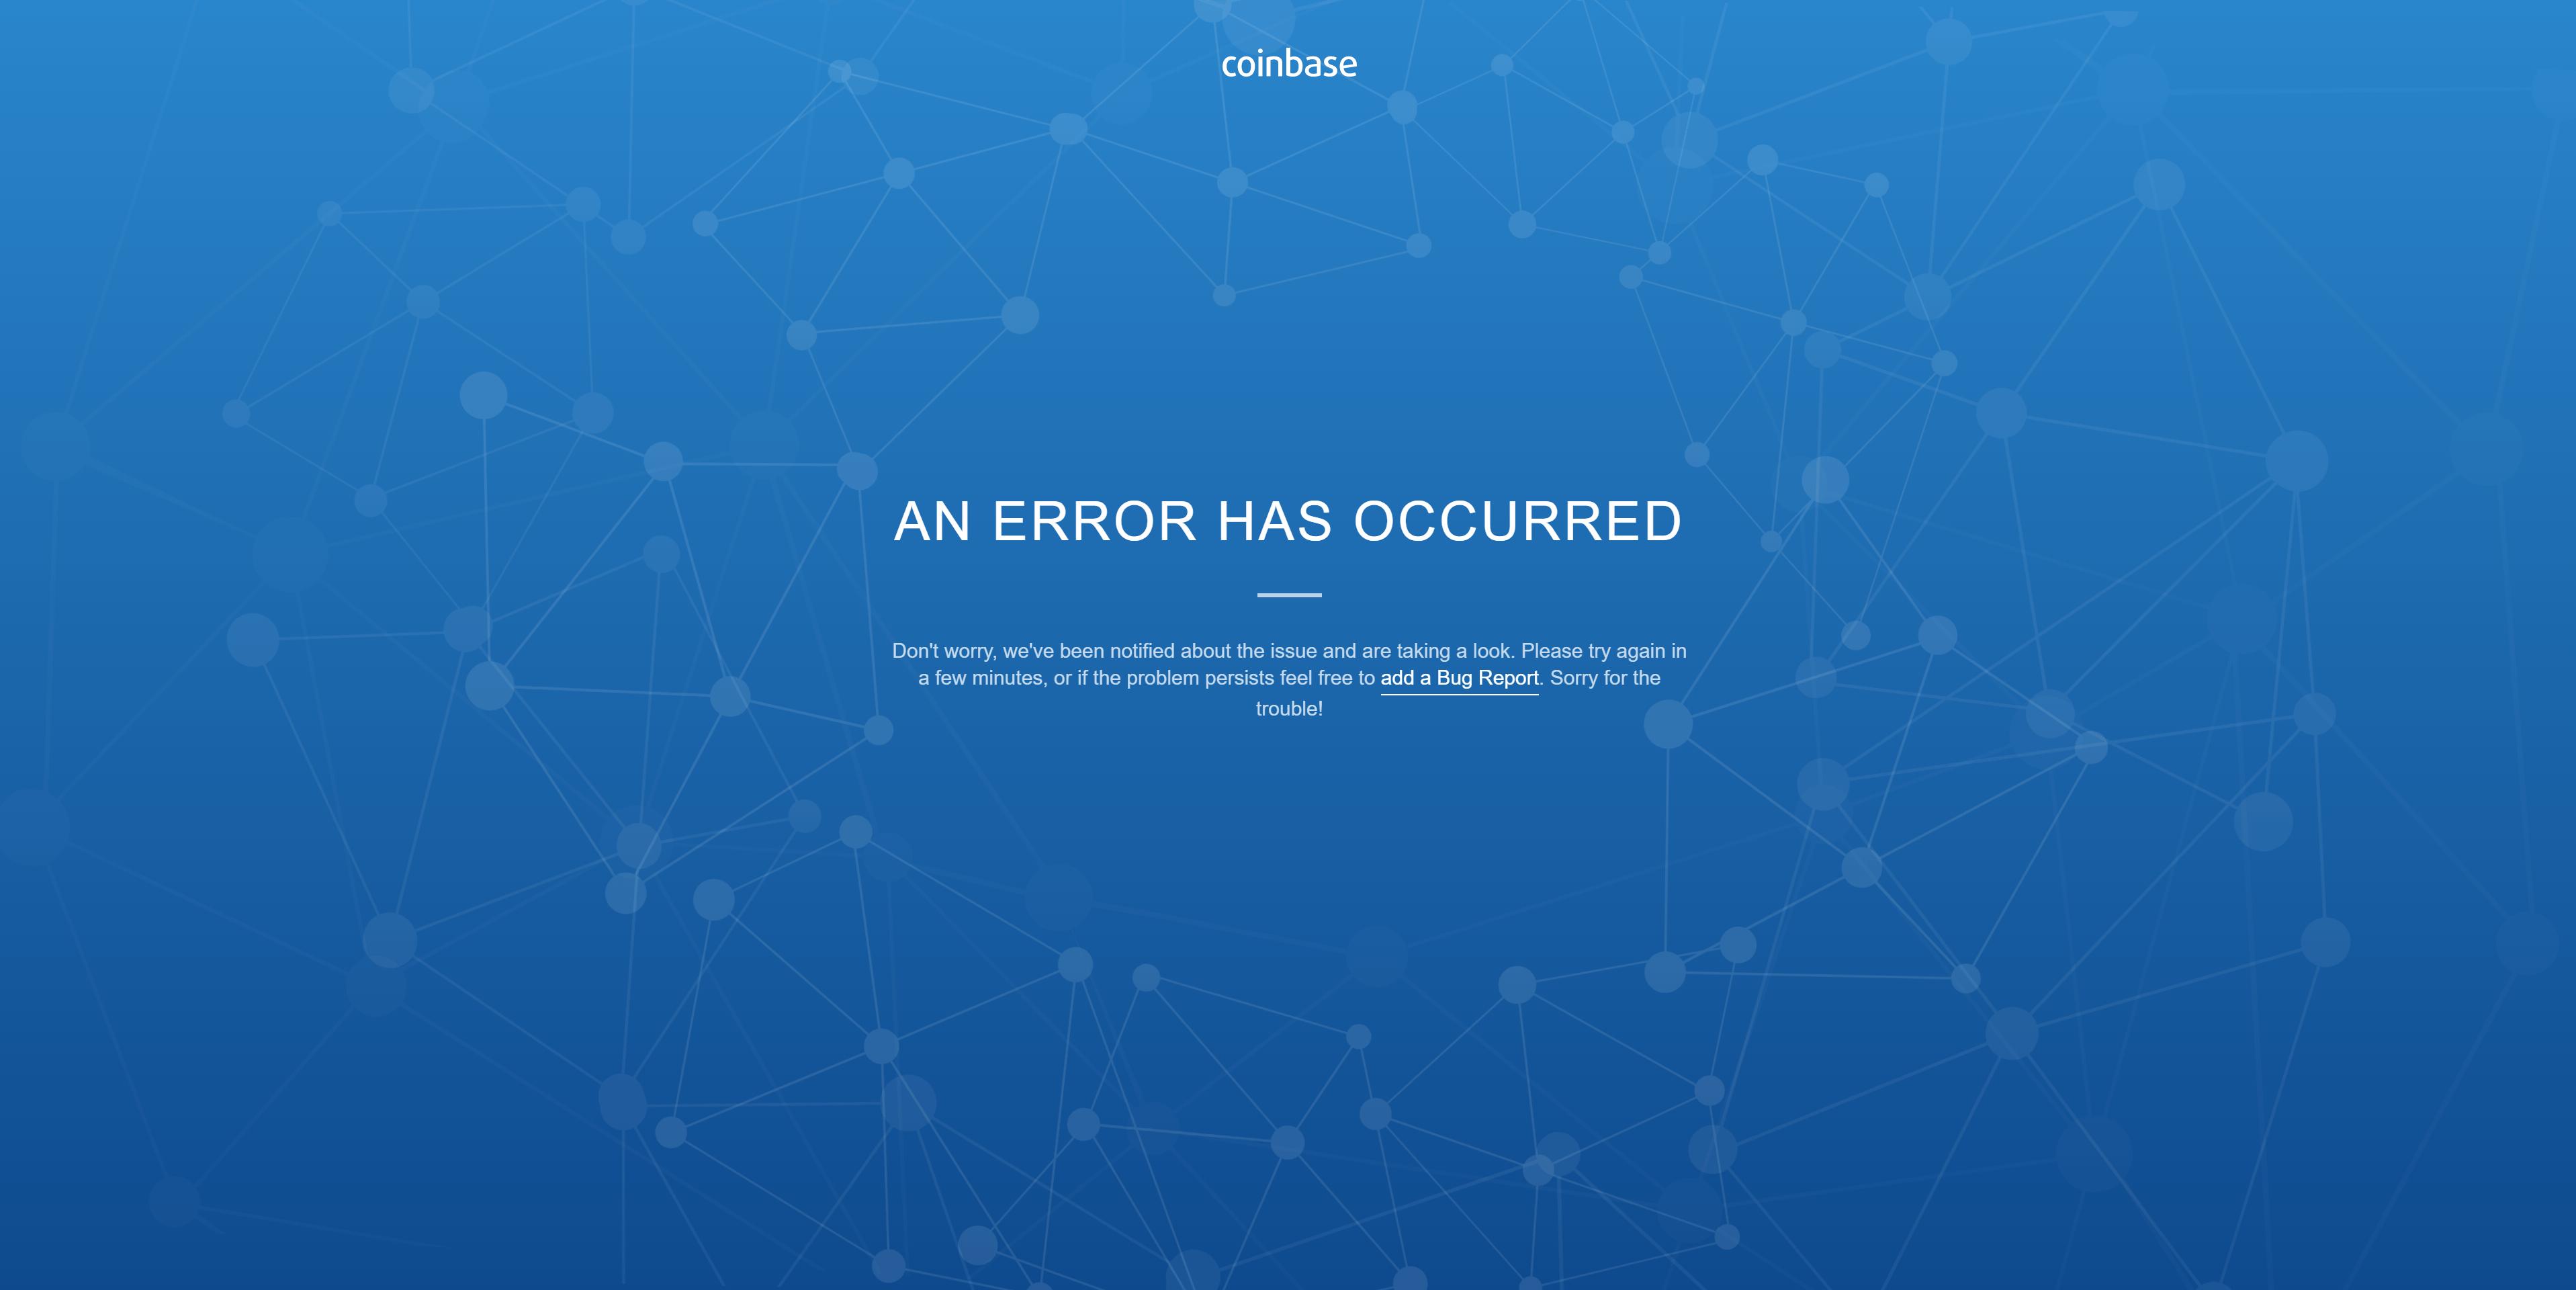 giá bitcoin: Coinbase gặp sự cố ngừng hoạt động khi giá Bitcoin giảm 1800 USD trong 15 phút